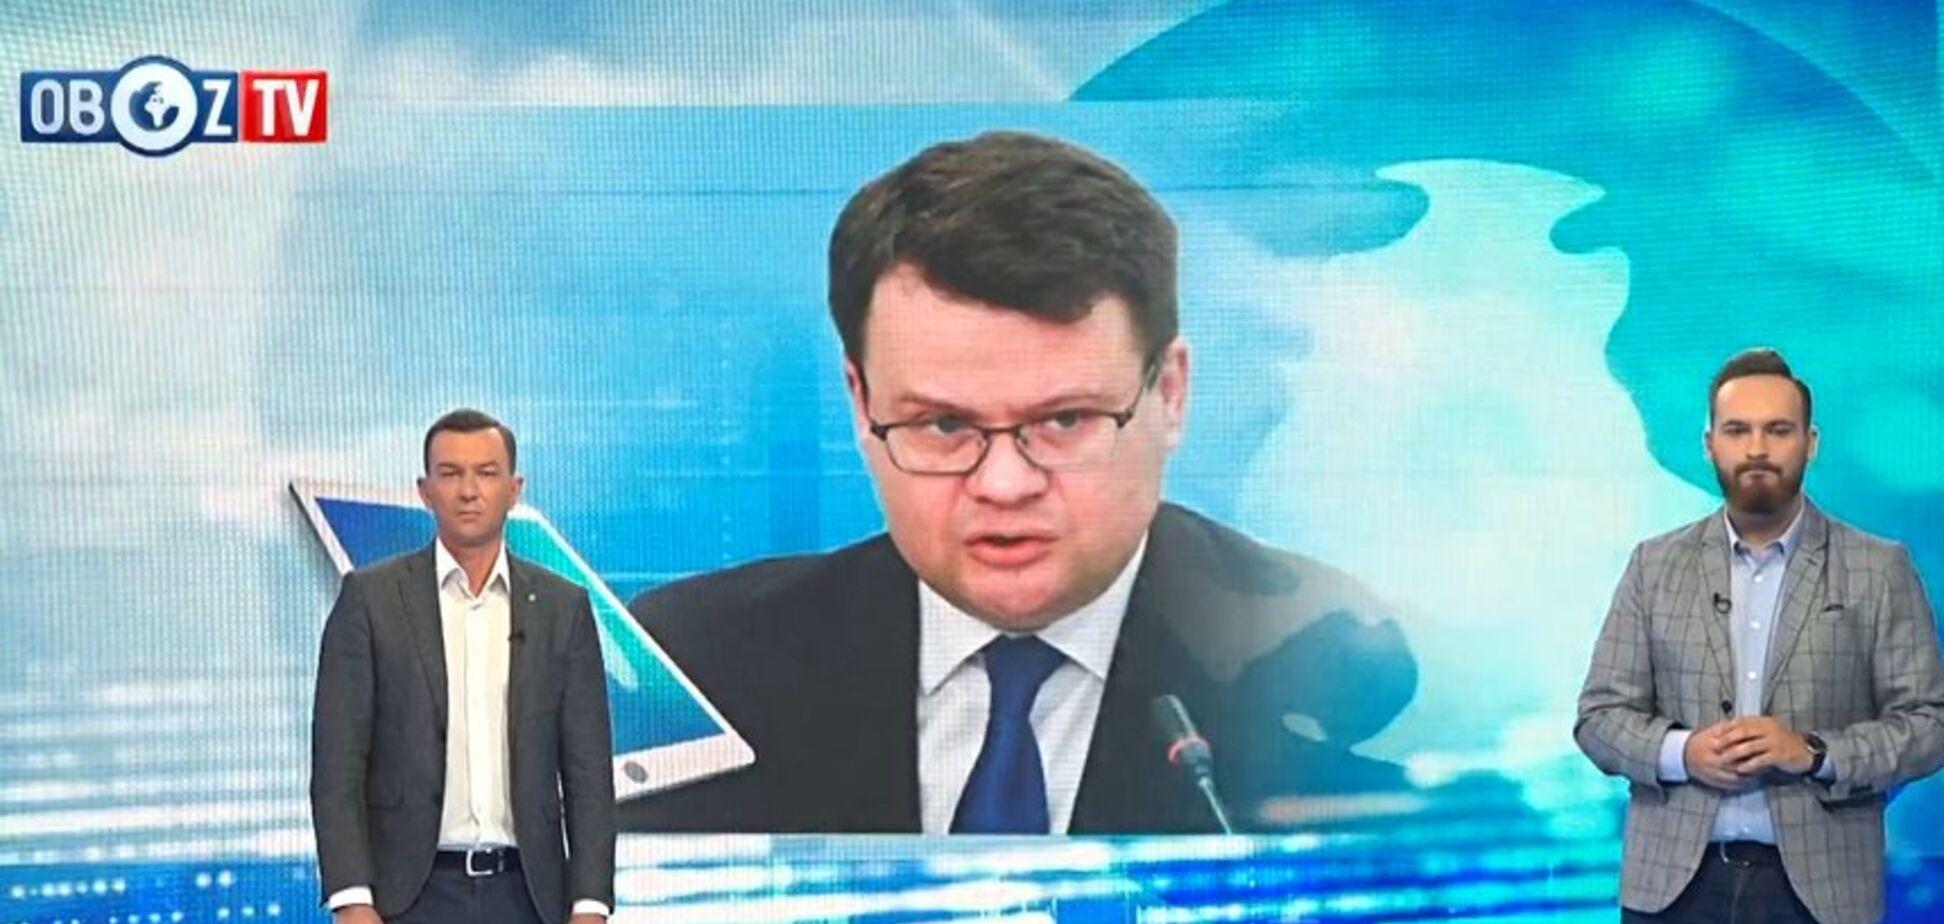 Экономист заявил о коррупционных схемах в НАК ''Нафтогаз Украины''